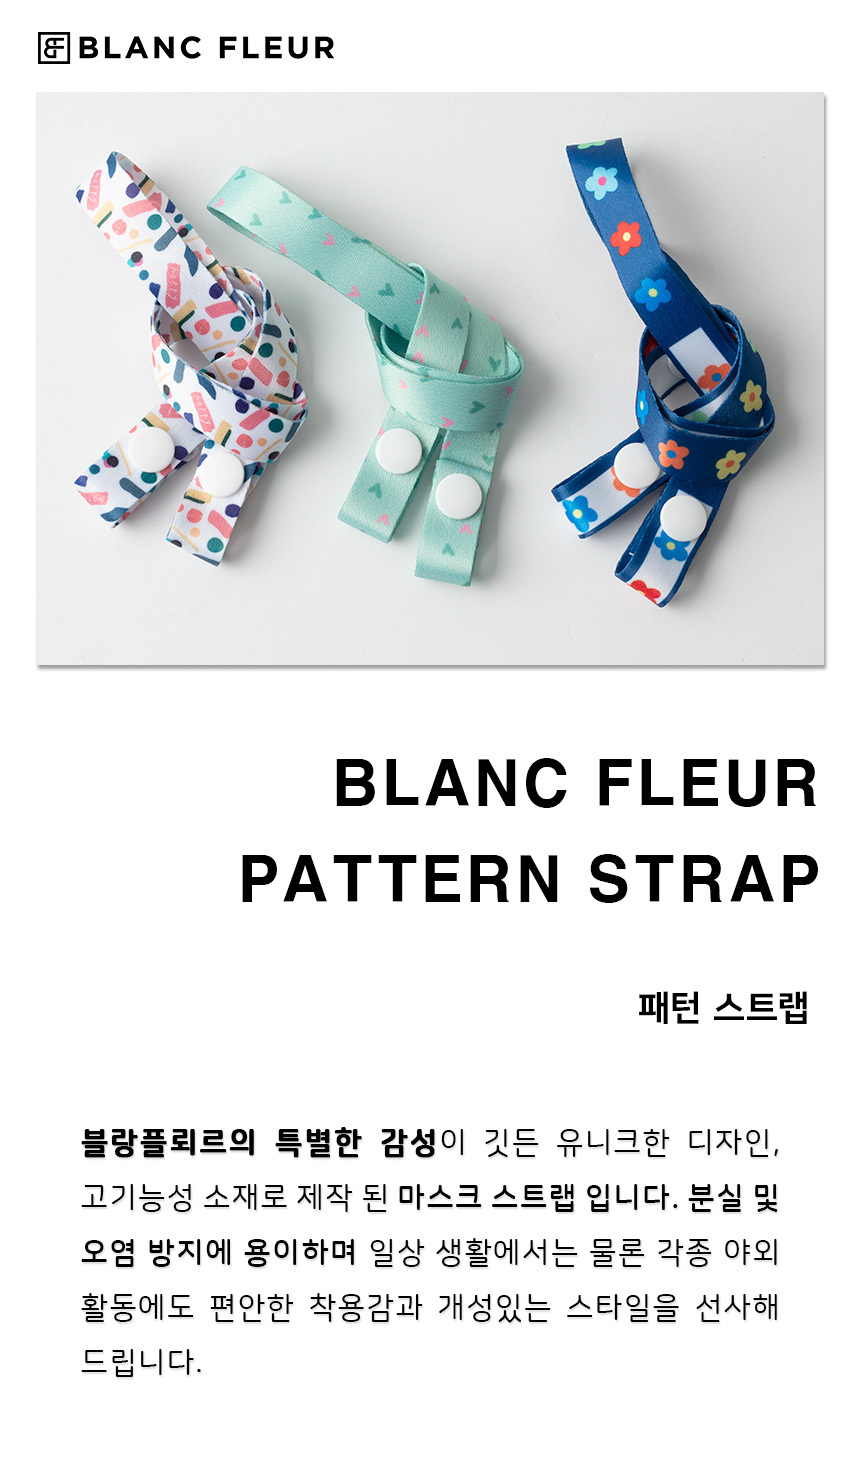 블랑플뢰르 패턴 마스크 스트랩 - 블랑플뢰르, 4,450원, 귀마개/워머/마스크, 패션마스크